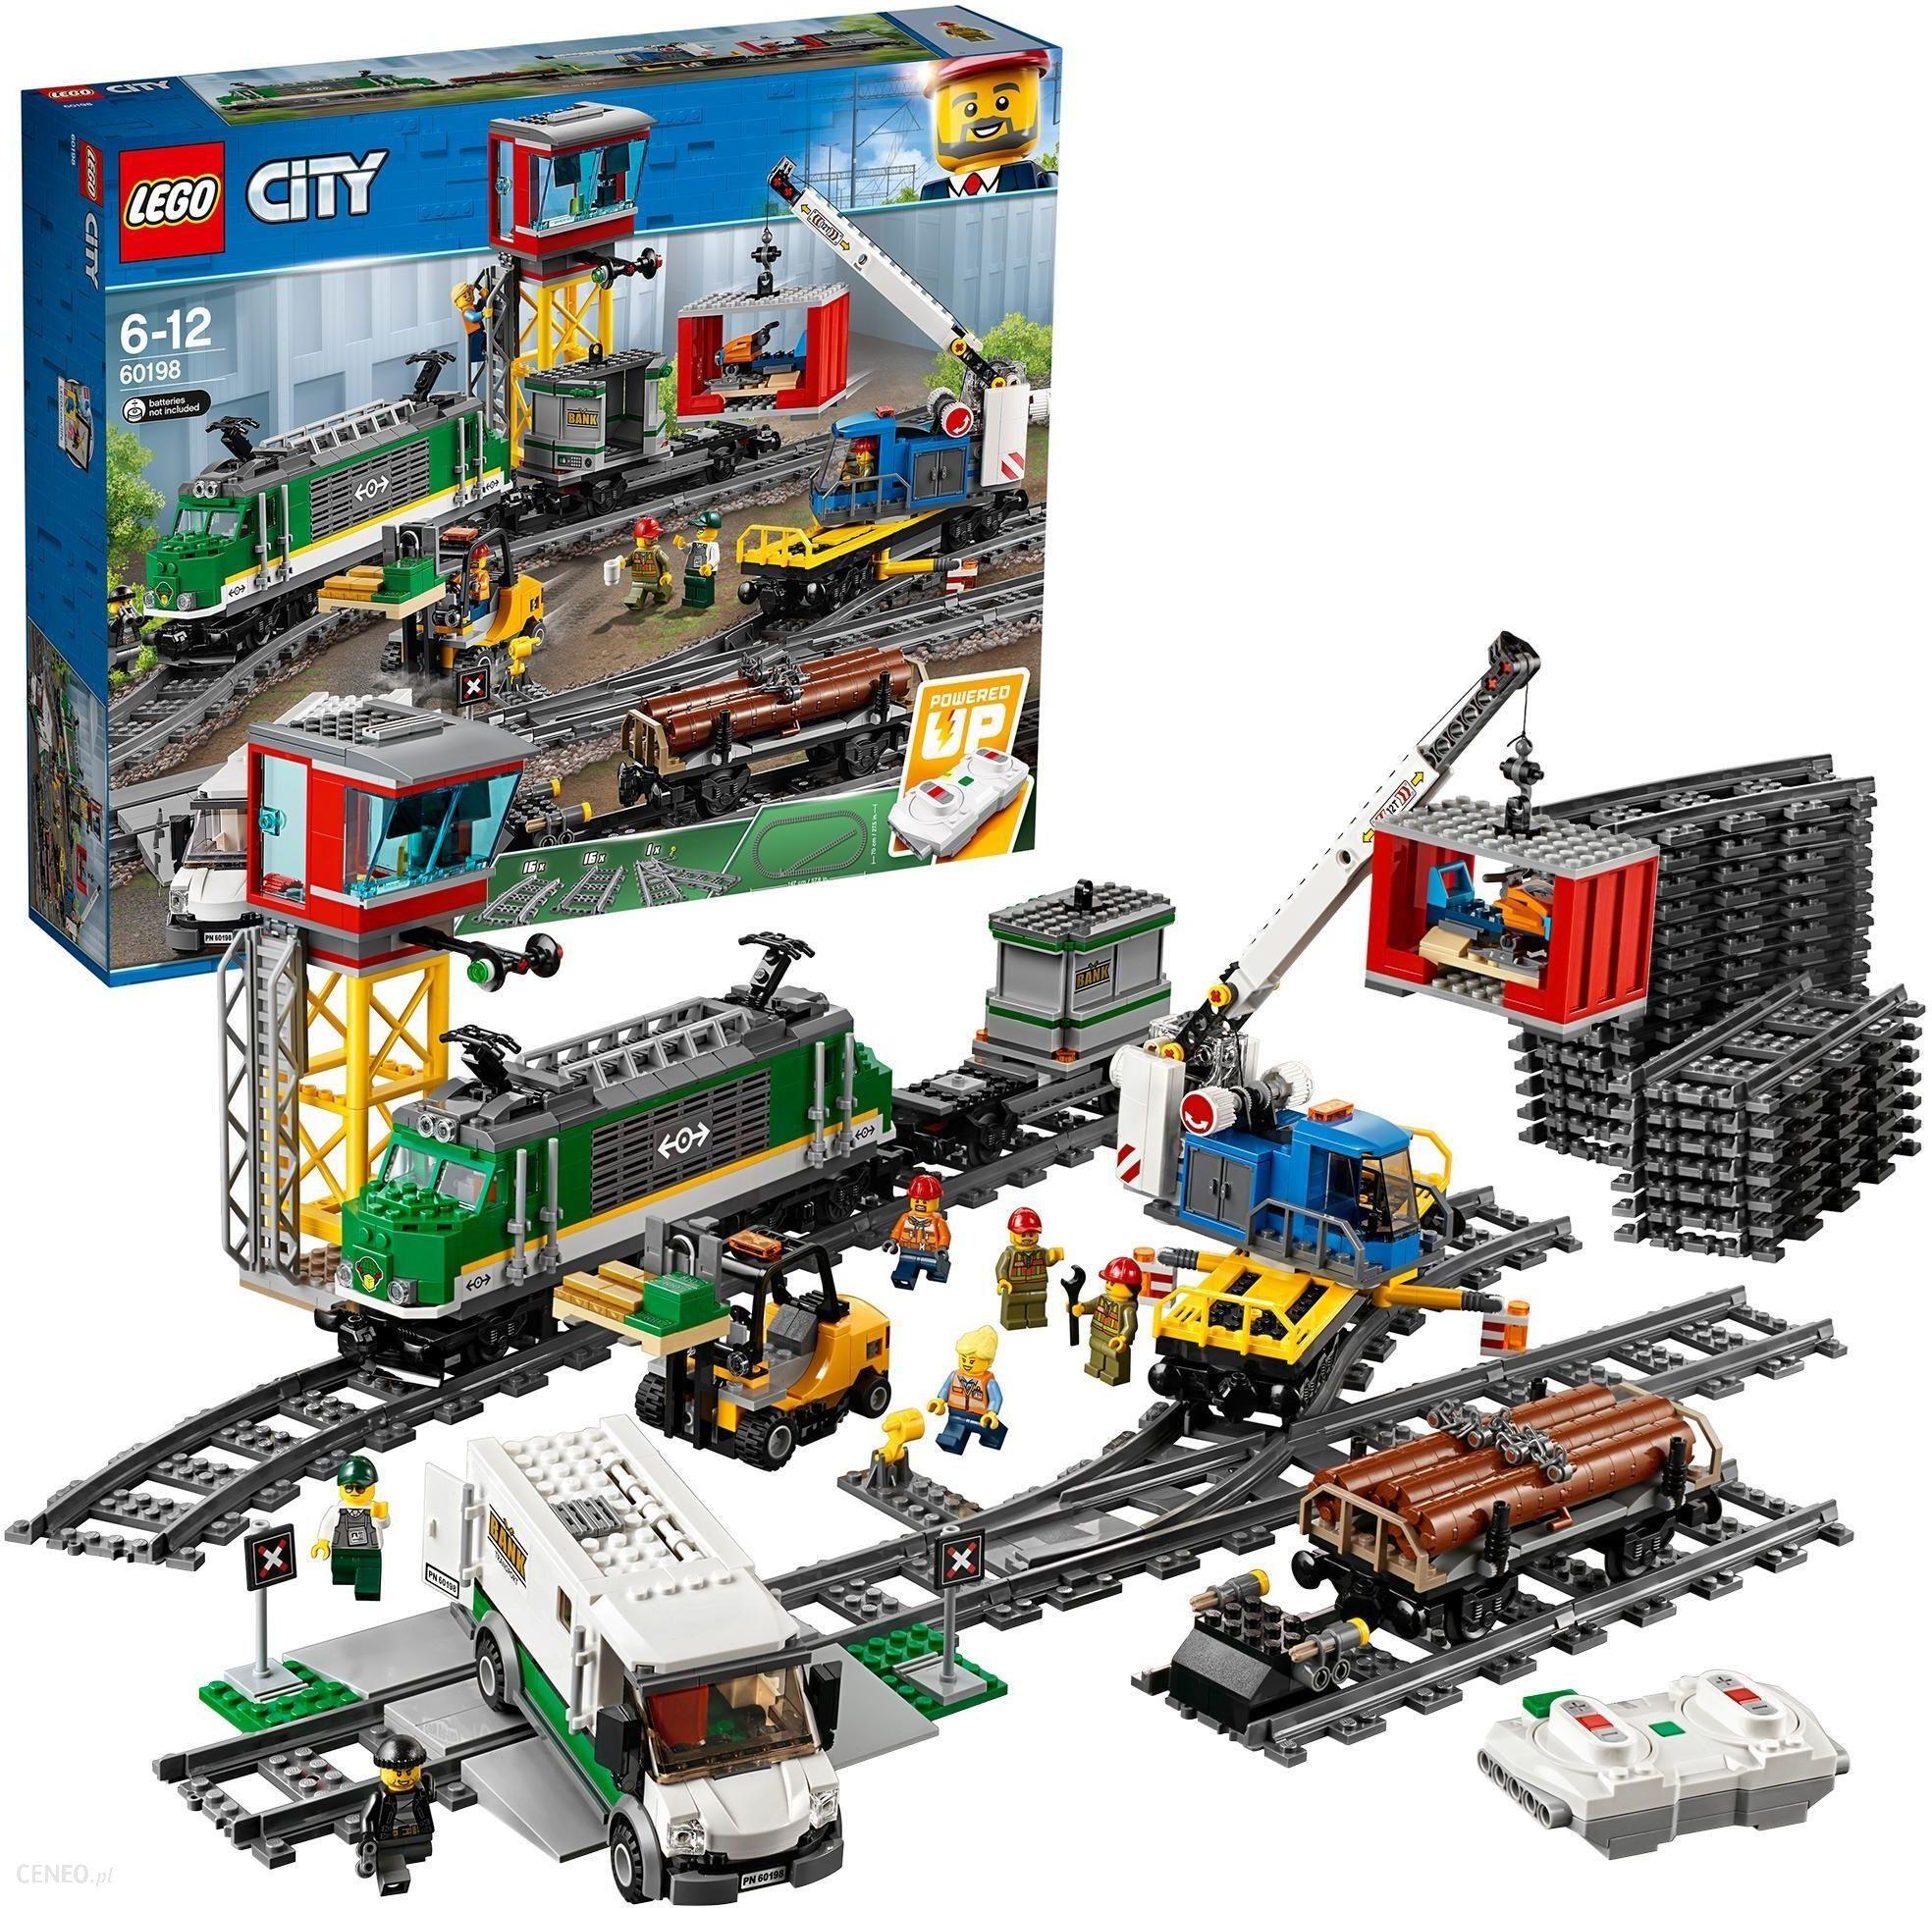 Klocki Lego City Pociąg Towarowy 60198 Ceny I Opinie Ceneopl